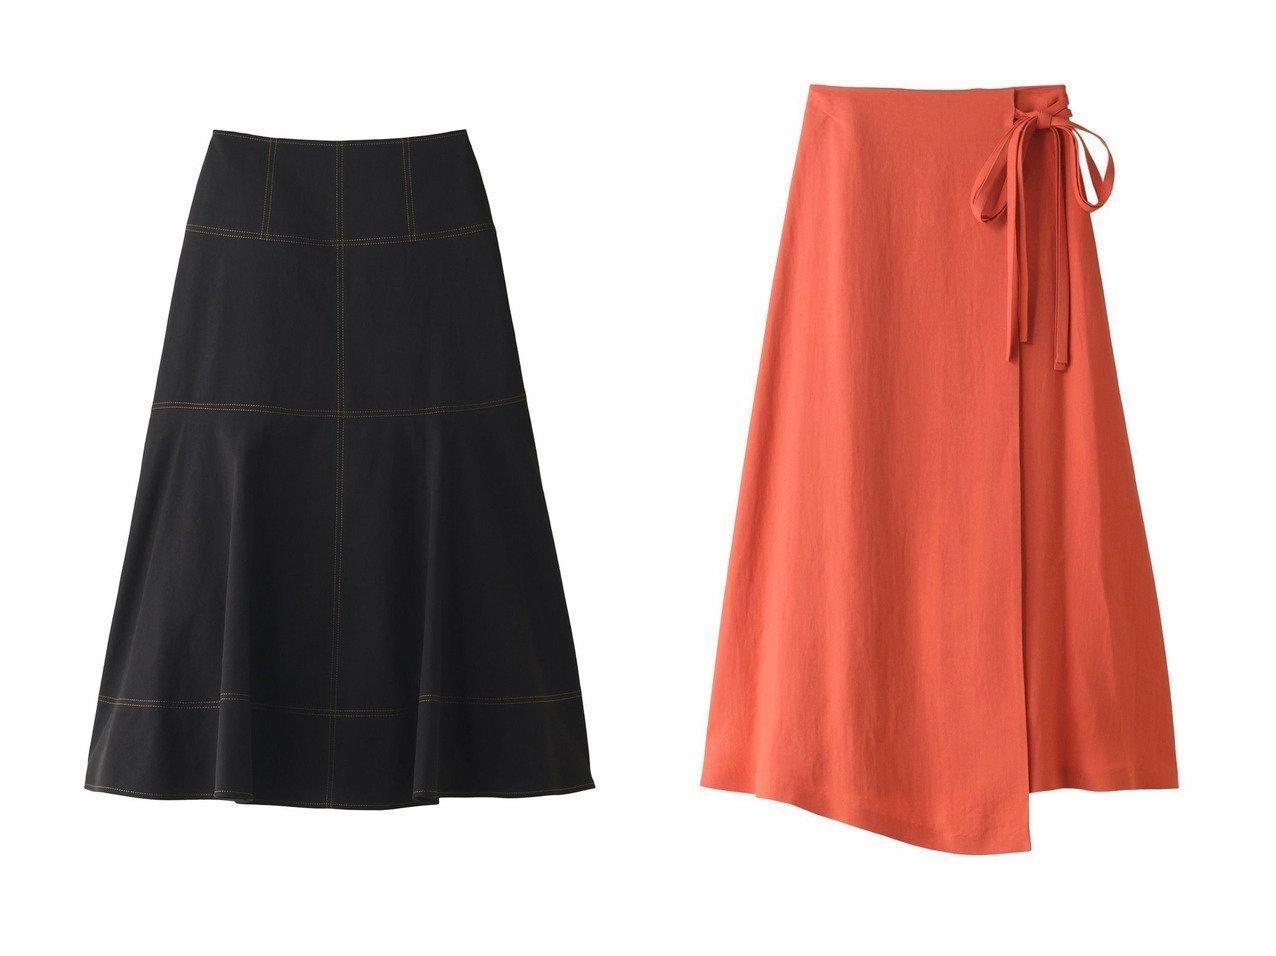 【ANAYI/アナイ】のコットンリネンロングスカート&リネンカルゼアシメスカート 【スカート】おすすめ!人気、トレンド・レディースファッションの通販 おすすめで人気の流行・トレンド、ファッションの通販商品 インテリア・家具・メンズファッション・キッズファッション・レディースファッション・服の通販 founy(ファニー) https://founy.com/ ファッション Fashion レディースファッション WOMEN スカート Skirt ロングスカート Long Skirt イレギュラー フレア ラップ リネン リボン ロング |ID:crp329100000049389